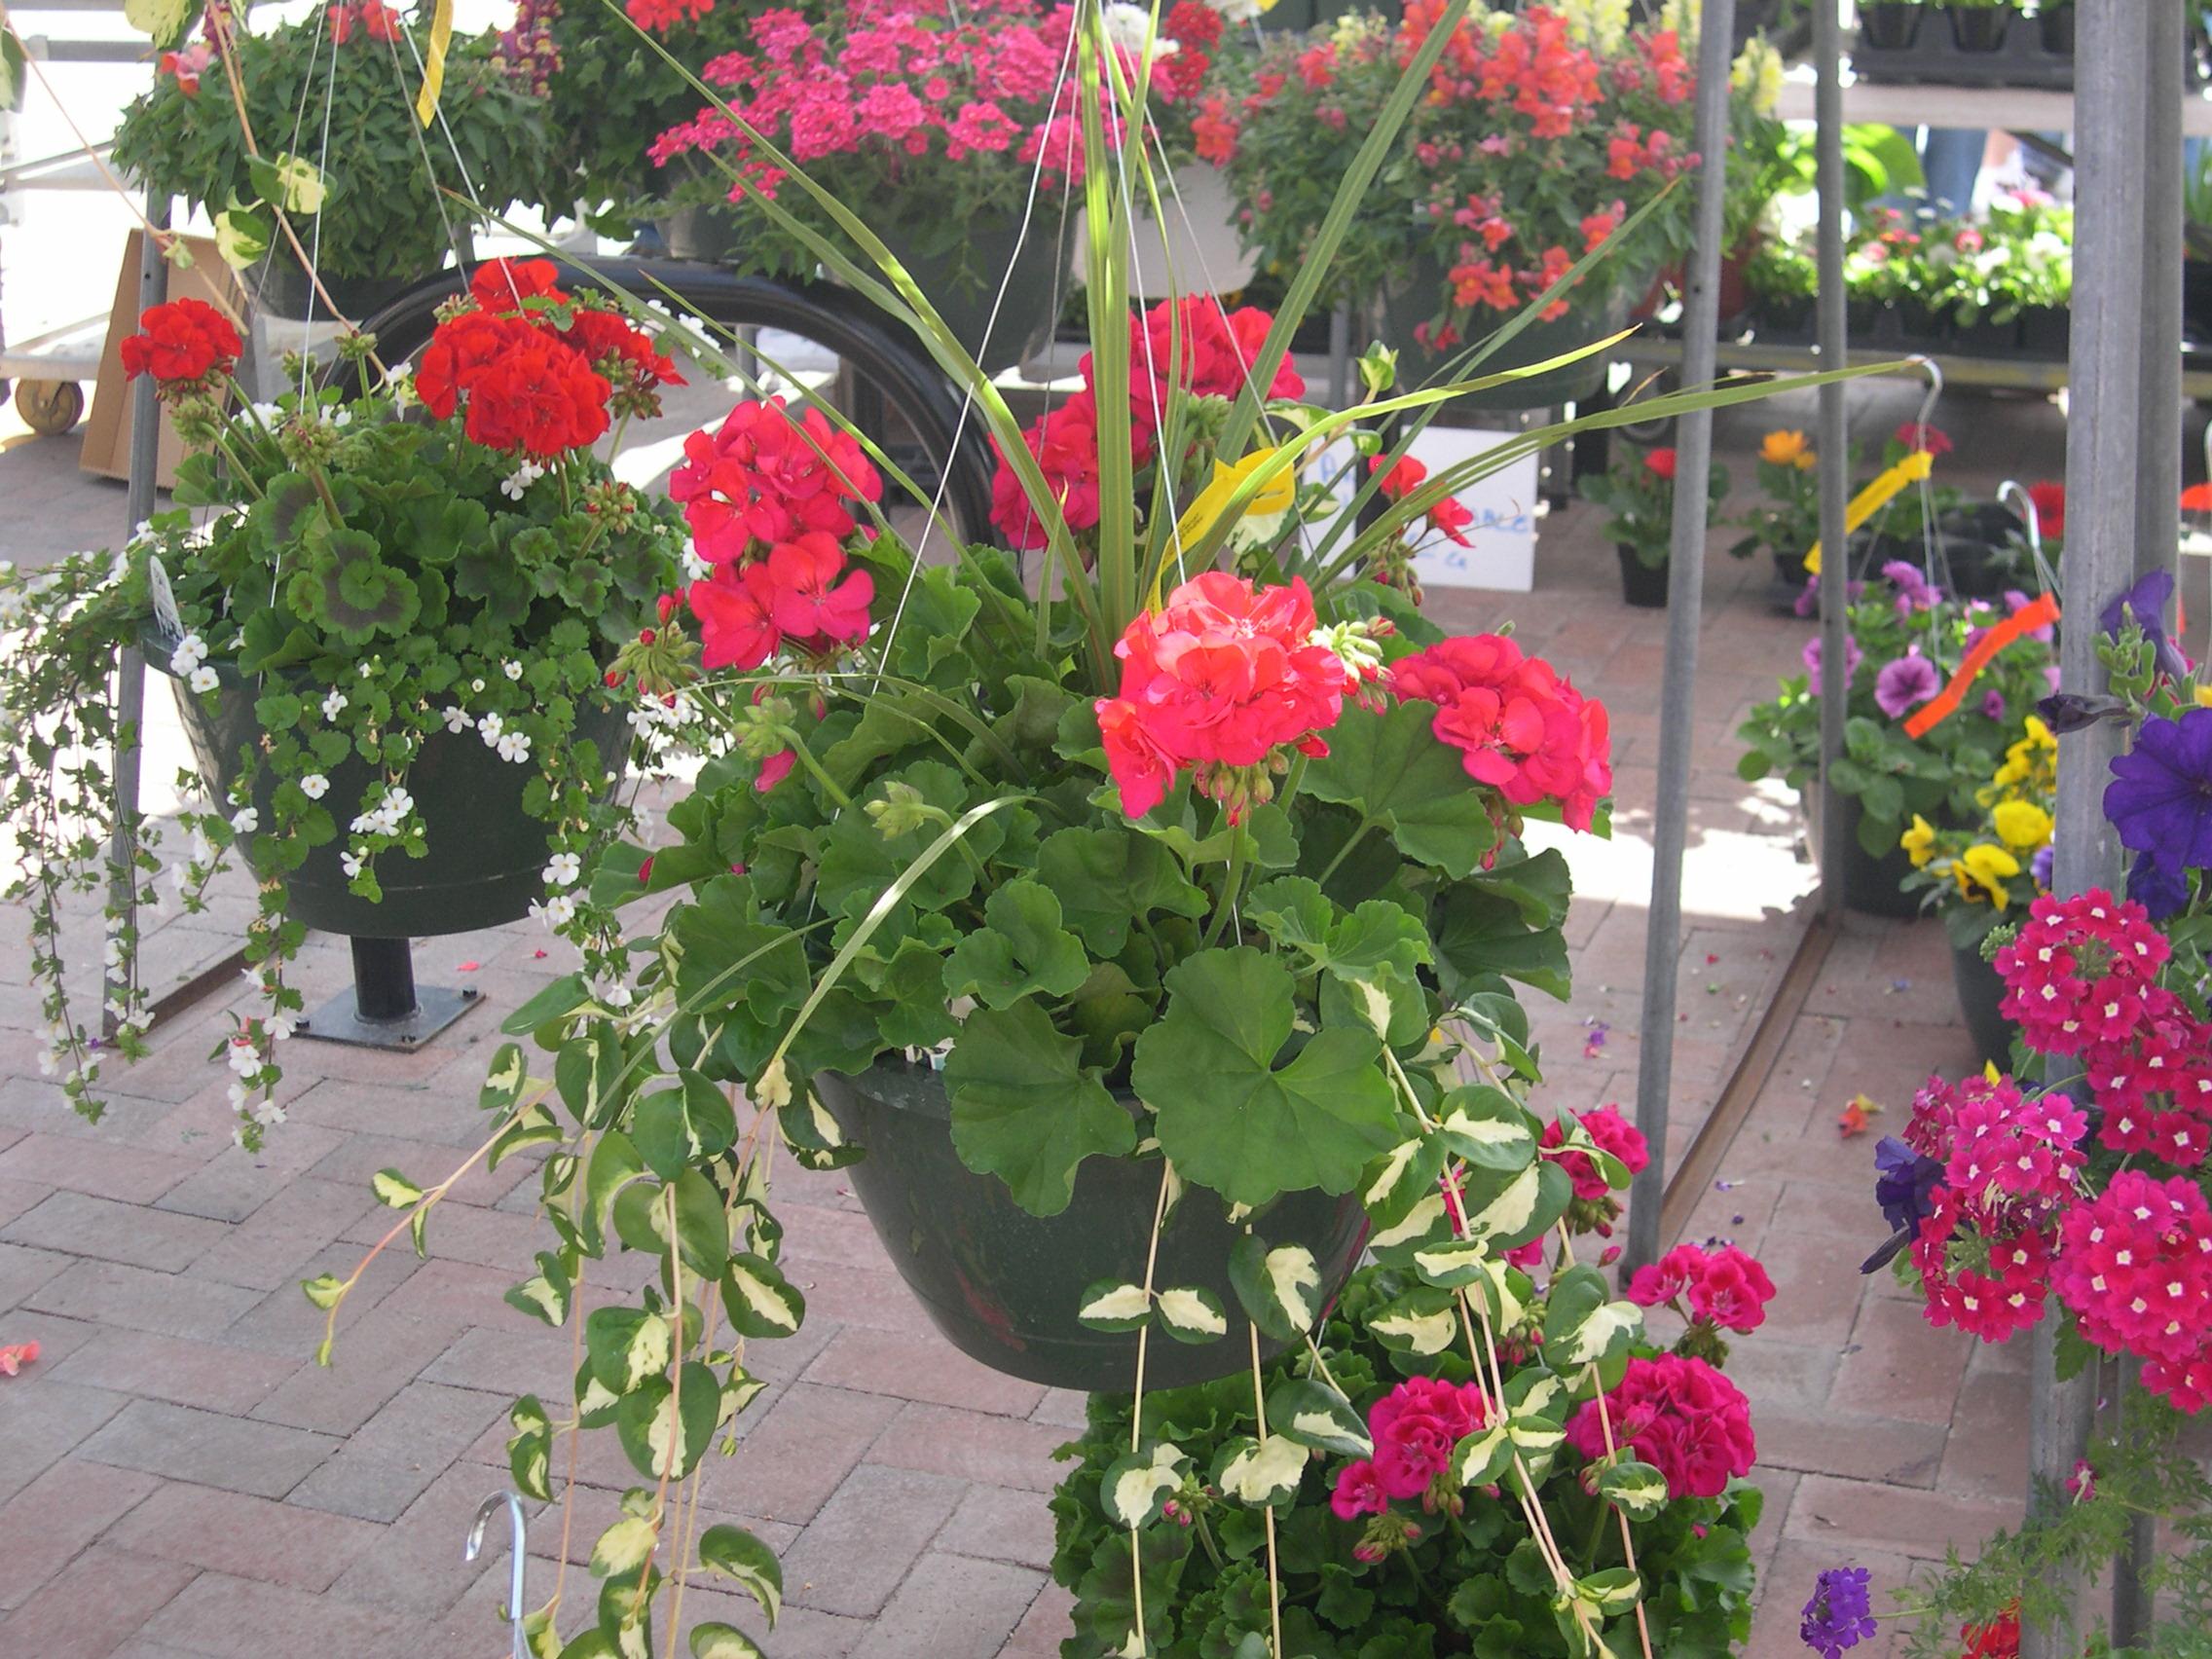 geranium baskets